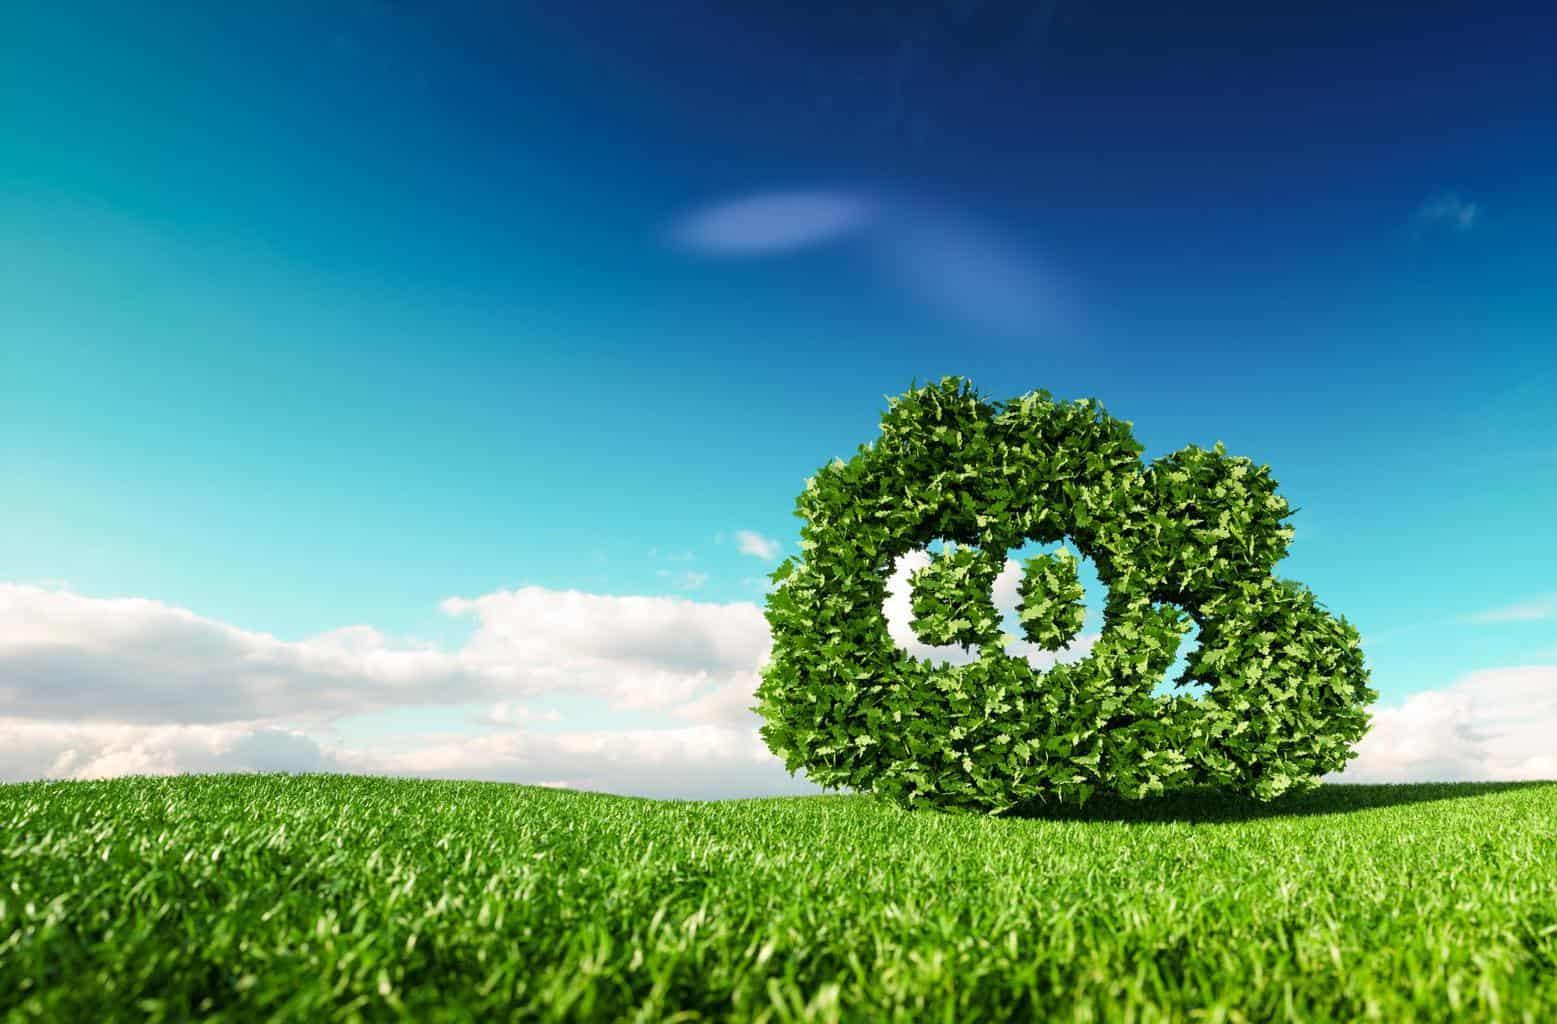 Studie: EU kann Nullemissionsziel bis 2050 kostenneutral erreichen